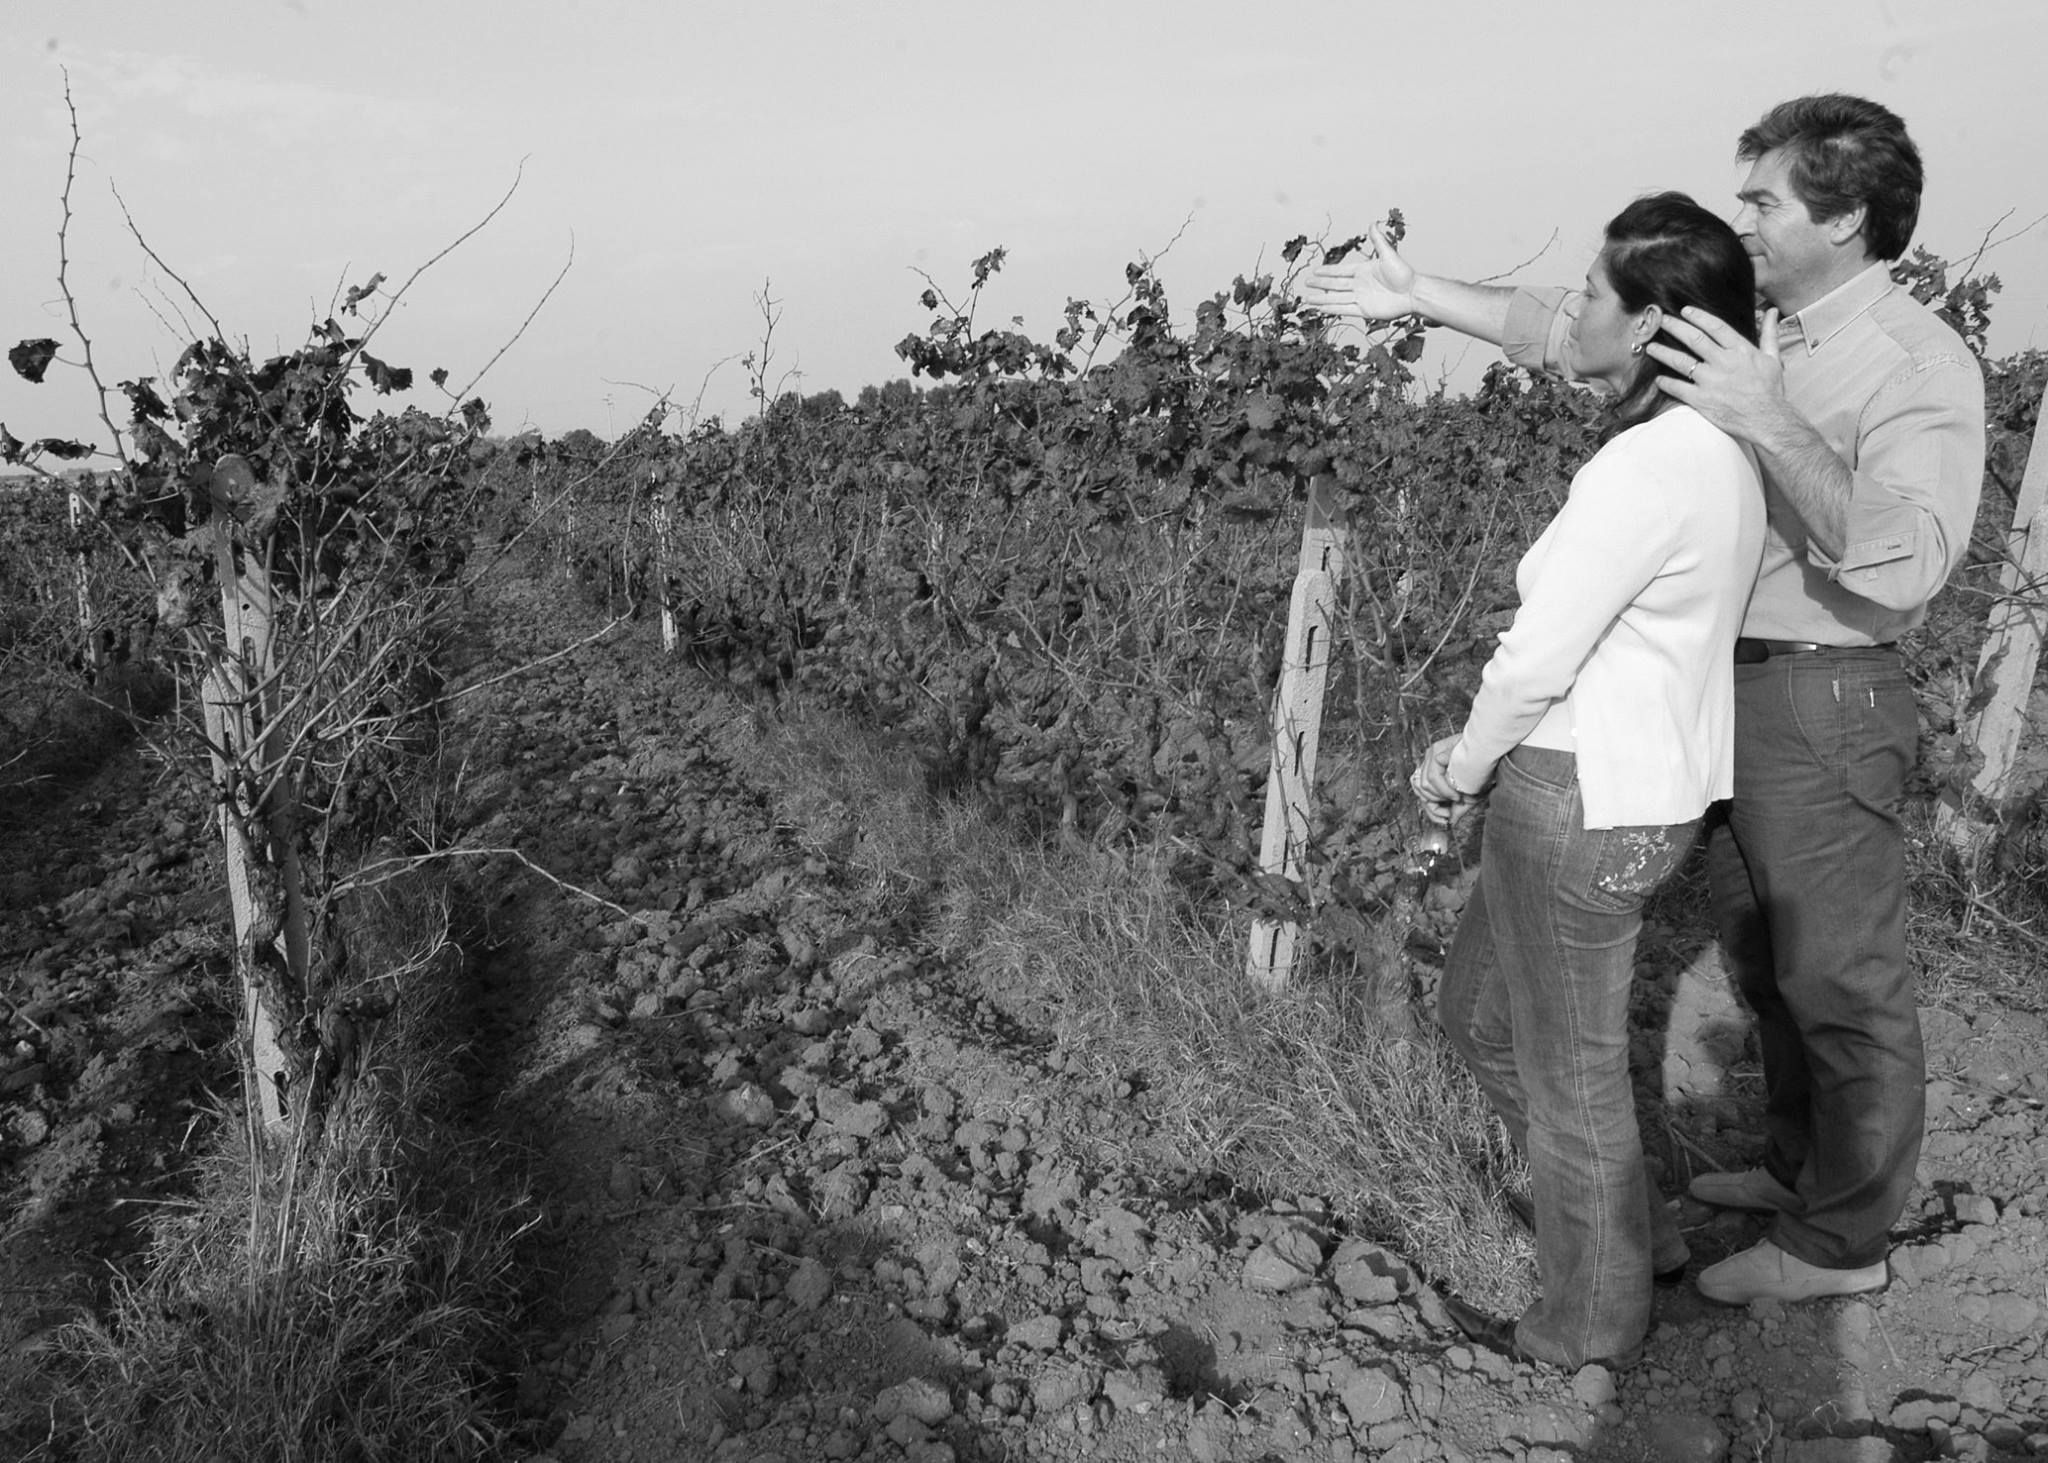 I nostri vini nascono per ispirazione da tre generazioni.  Oggi Cosimo e Maria Teresa portano avanti questa storia, tra le più antiche della Puglia, che da sempre è sinonimo di eccellenza e grande personalità di vini. #Varvaglione #vigneevini #Puglia #vigneti #famiglia